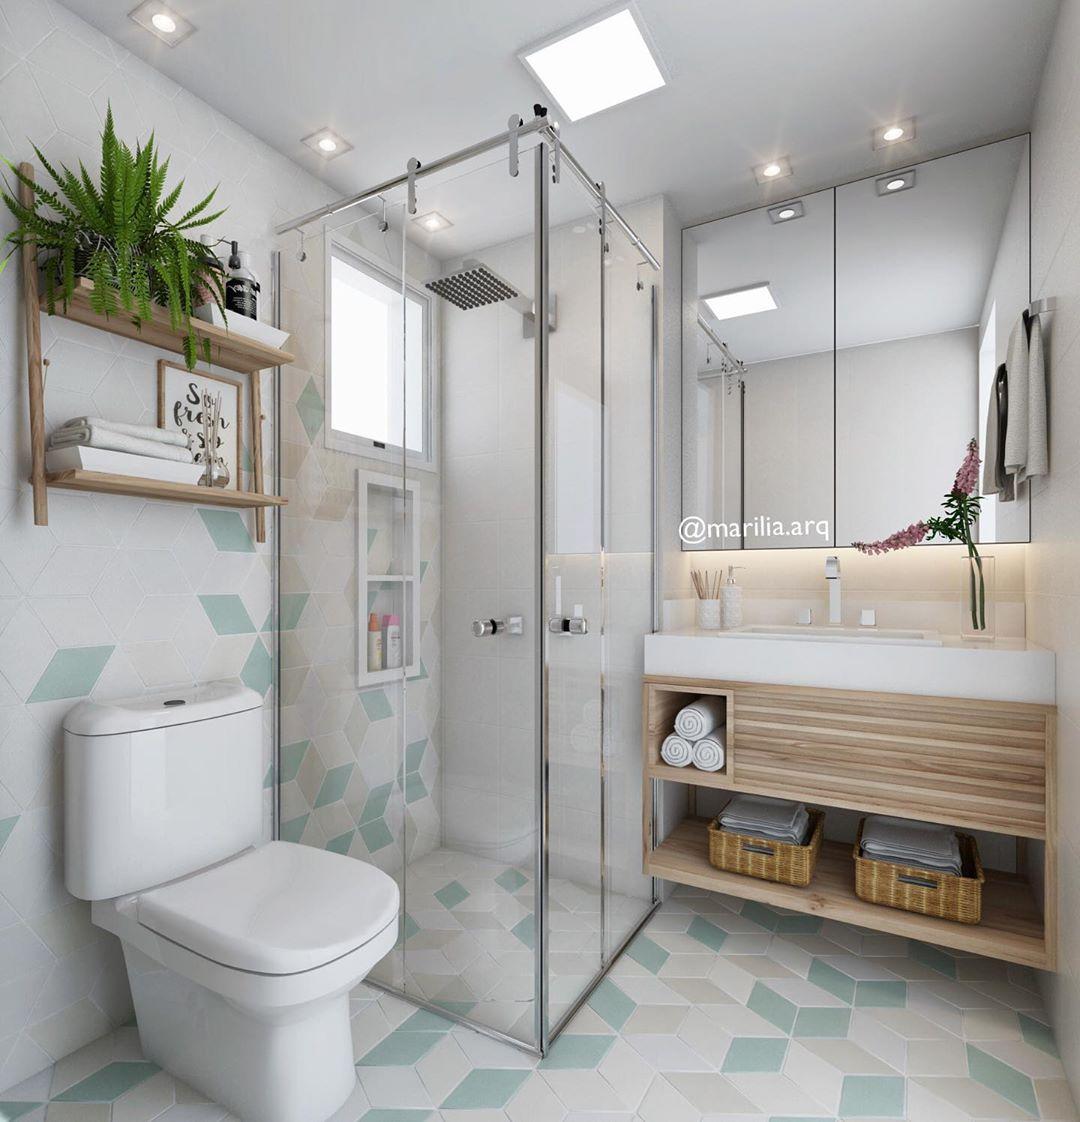 Decoração com armário de madeira e azulejo geométrico colorido.